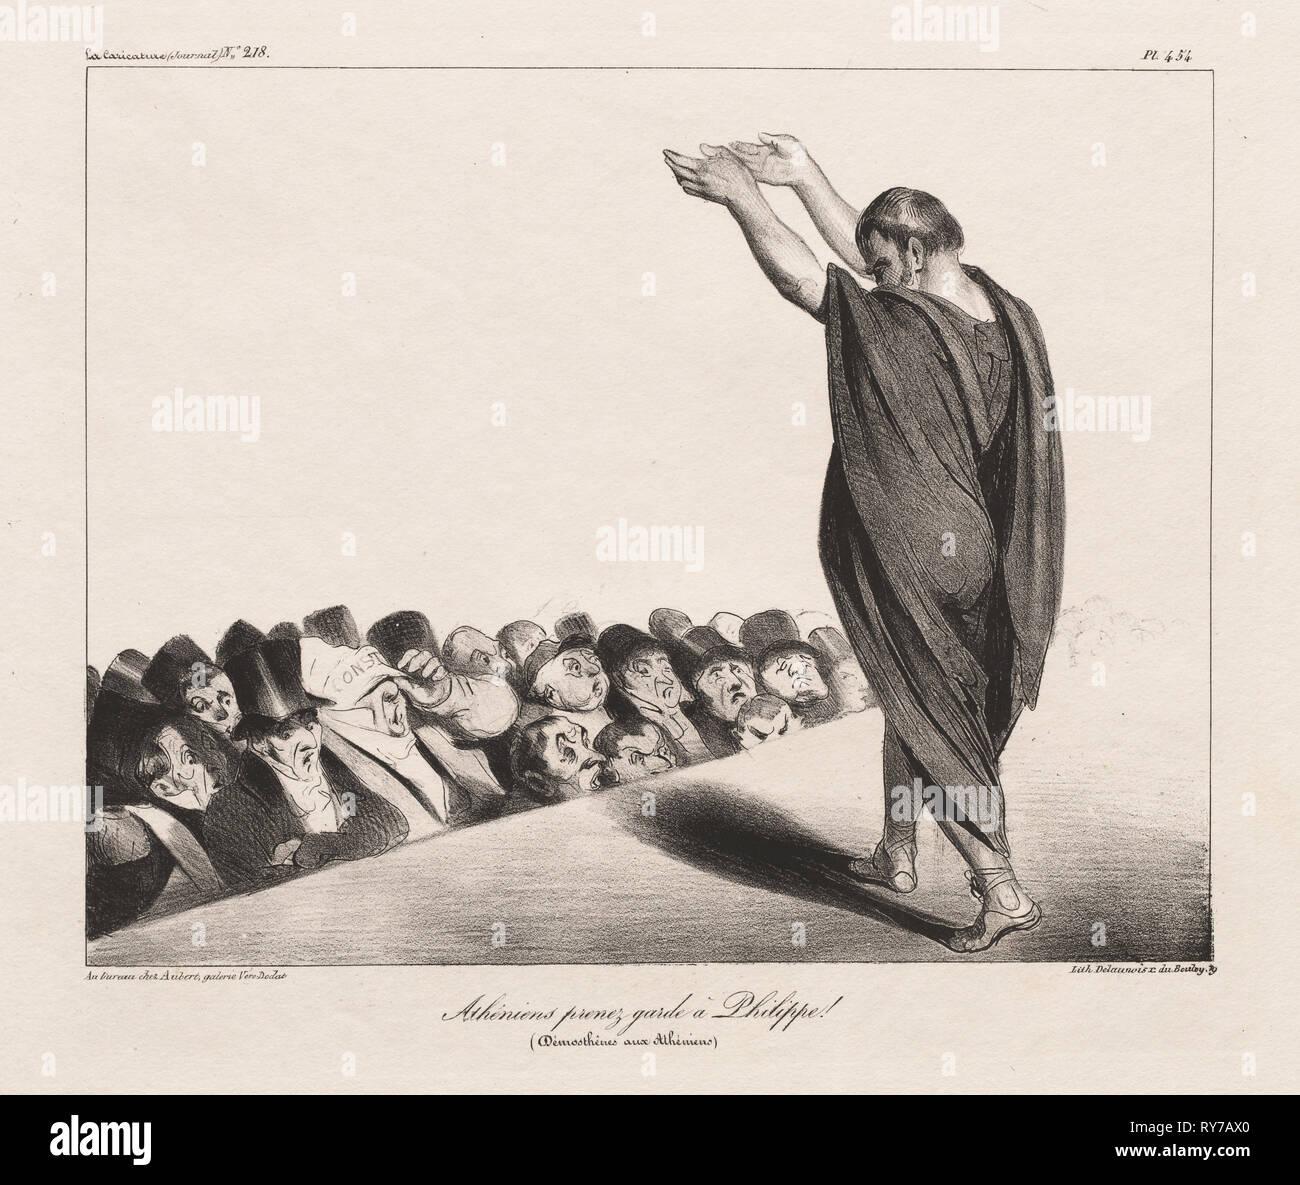 Publié dans la caricature, no. 218, 8 janvier 1935: La caricature, Pl. 454 Athéniens, méfiez-vous de Phillip! (Démosthène aux Athéniens,( La caricature, Pl. 454, Atheniens prenex garda un Phillippe! [Démosthène aux Atheniens]). Honoré Daumier (Français, 1808-1879), Aubert. Fiche technique: Lithographie; 26,2 x 33,6 cm (10 1/4 x 13 5/16 in.); image: 20,3 x 25,5 cm (8 x 10 1/16 po Banque D'Images